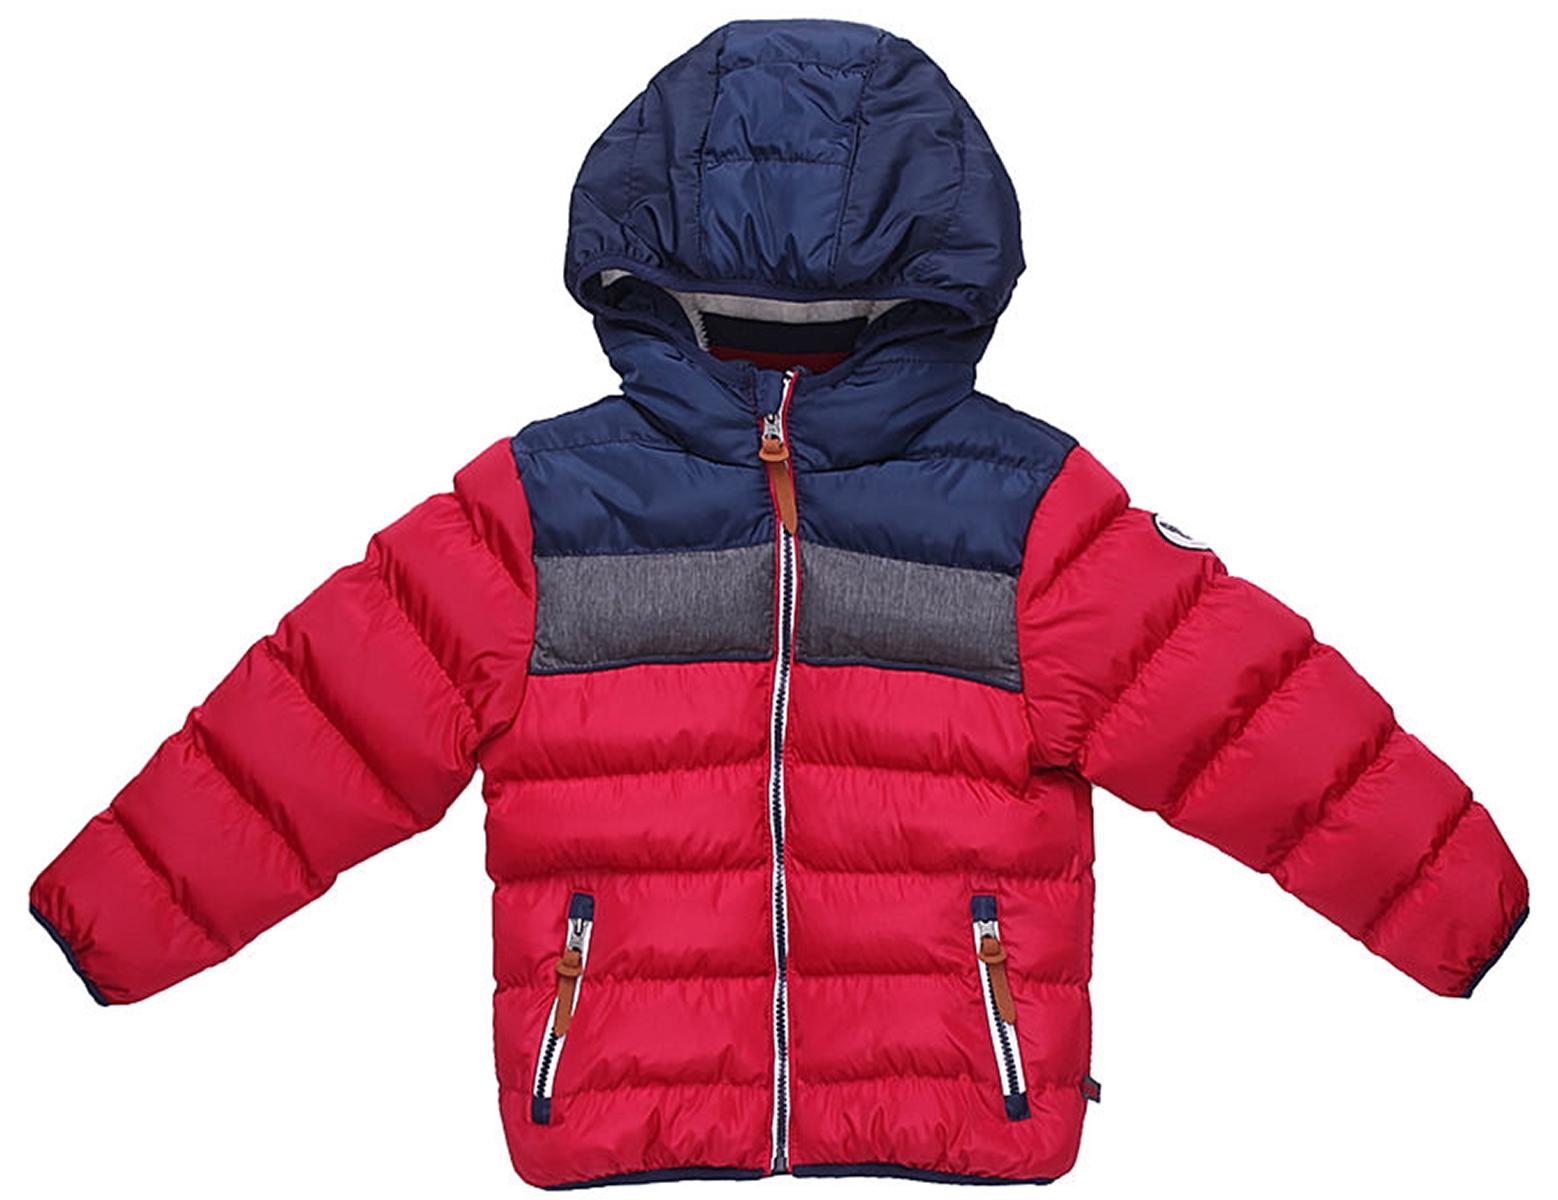 Куртка для мальчика Sweet Berry, цвет: бордовый. 733026. Размер 128733026Утепленная стеганая куртка для мальчика от Sweet Berry выполнена из трех контрастных цветов. Несъемный капюшон. Два прорезных кармана застегивающиеся на молнию. Флисовая подкладка. Капюшон, рукава и низ изделия оформлены контрастной окантовочной резинкой. Куртка застегивается на молнию.